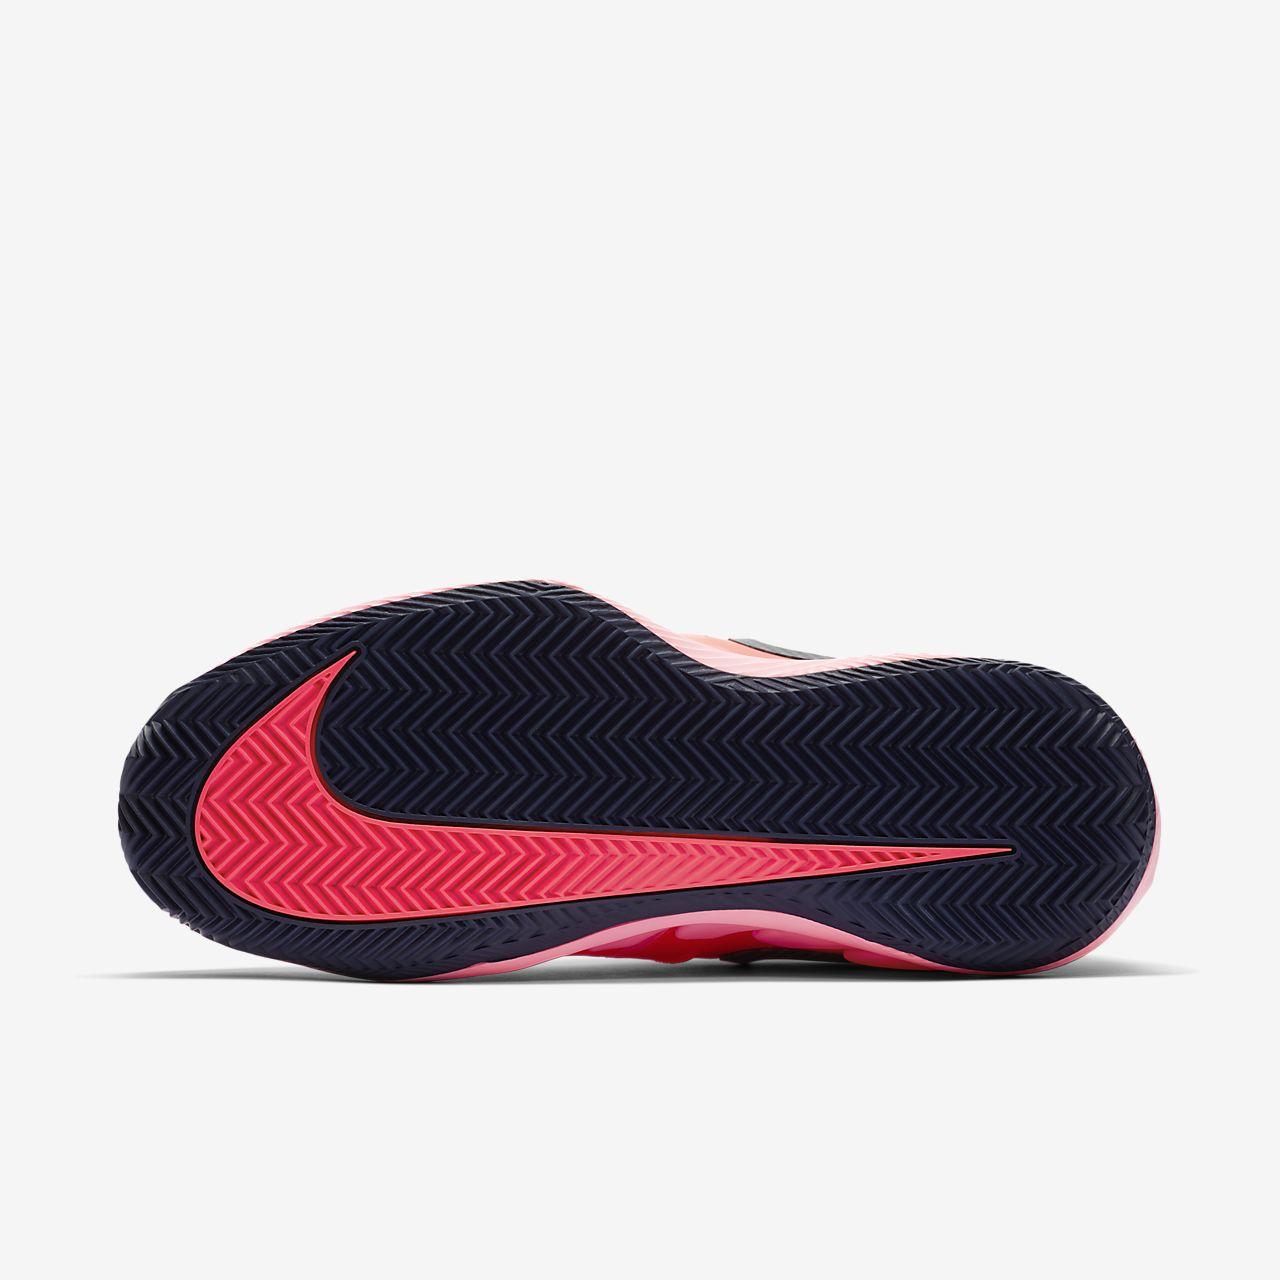 NikeCourt Air Zoom Vapor X Zapatillas de tenis para tierra